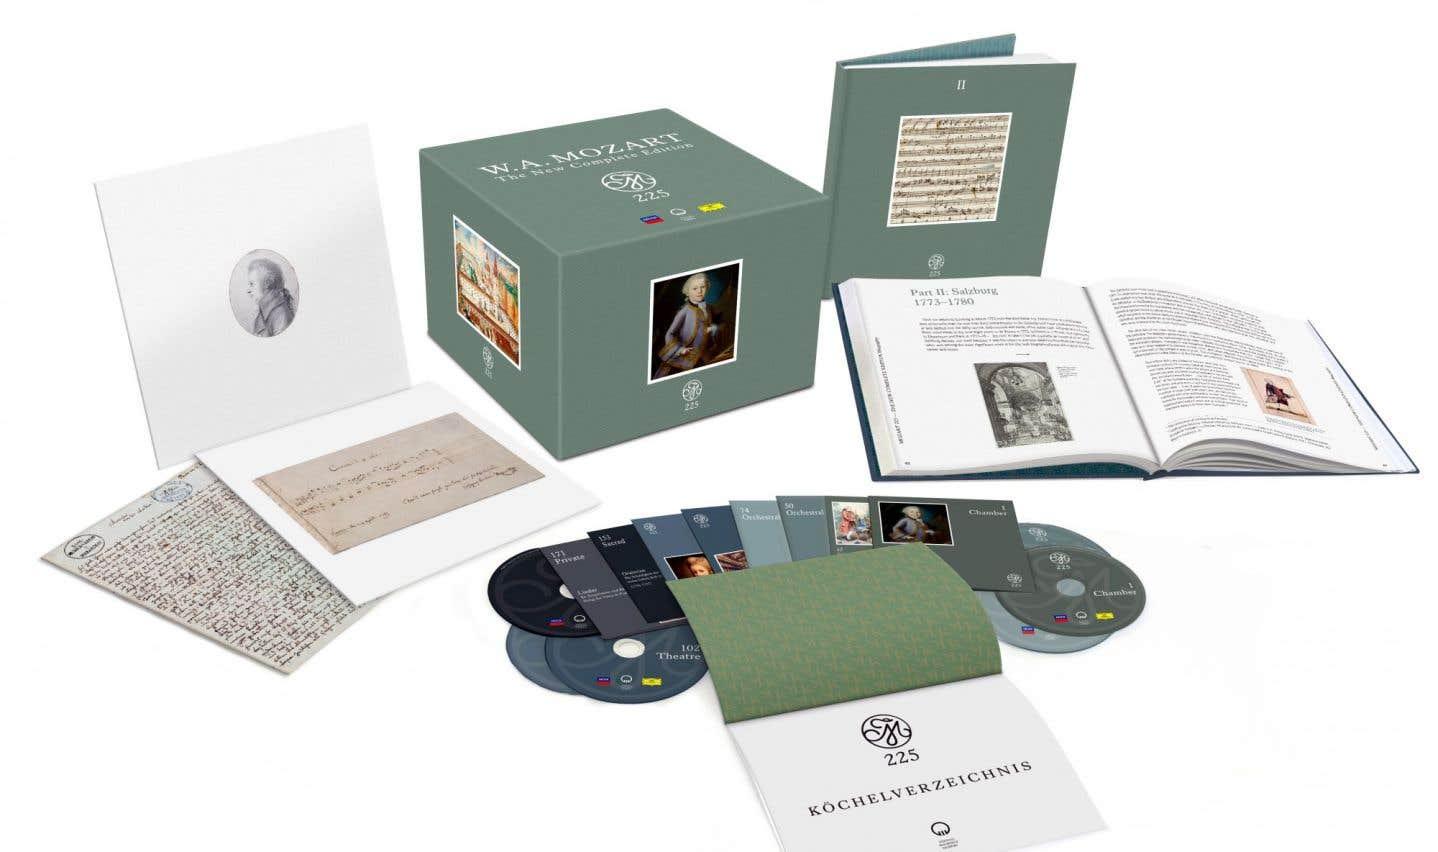 Le «gros cadeau» de l'année est d'évidence la « nouvelle édition complète » des oeuvres de Mozart, publiée par Universal, en collaboration avec la Fondation du Mozarteum de Salzbourg.